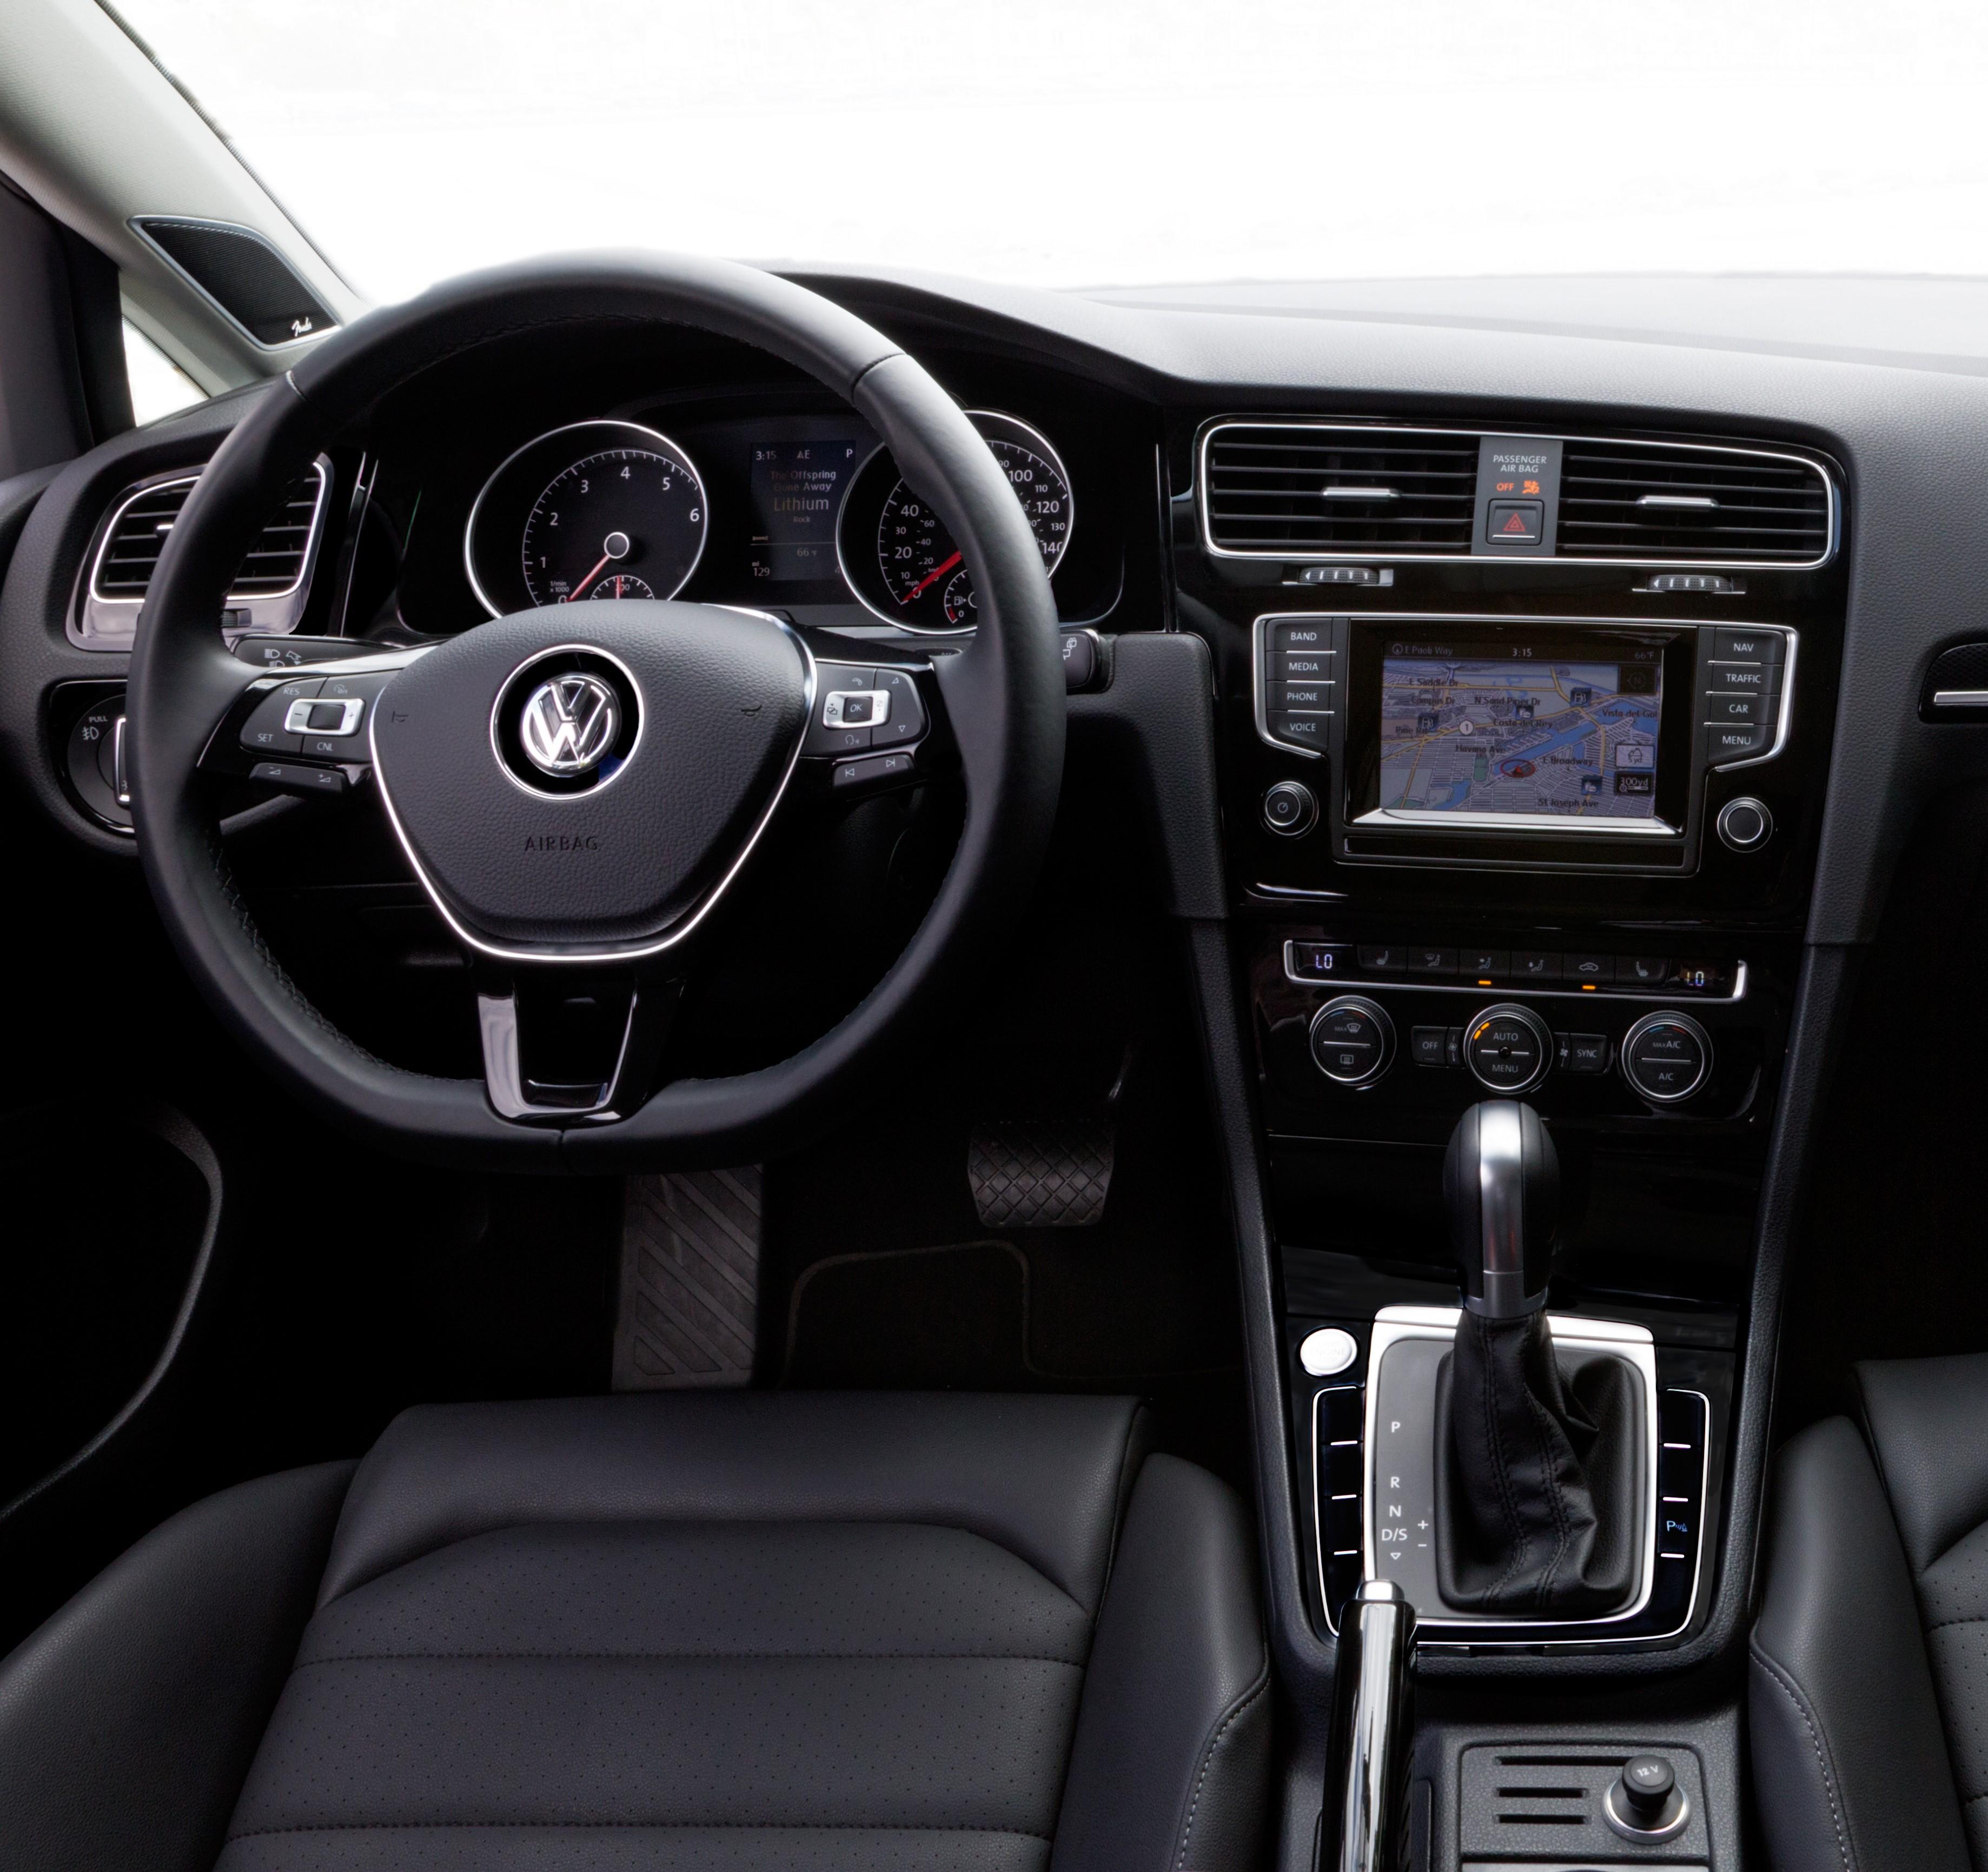 2015 Volkswagen Golf Sportwagen Suspension: Seat Time: 2015 Volkswagen Golf Sportwagen